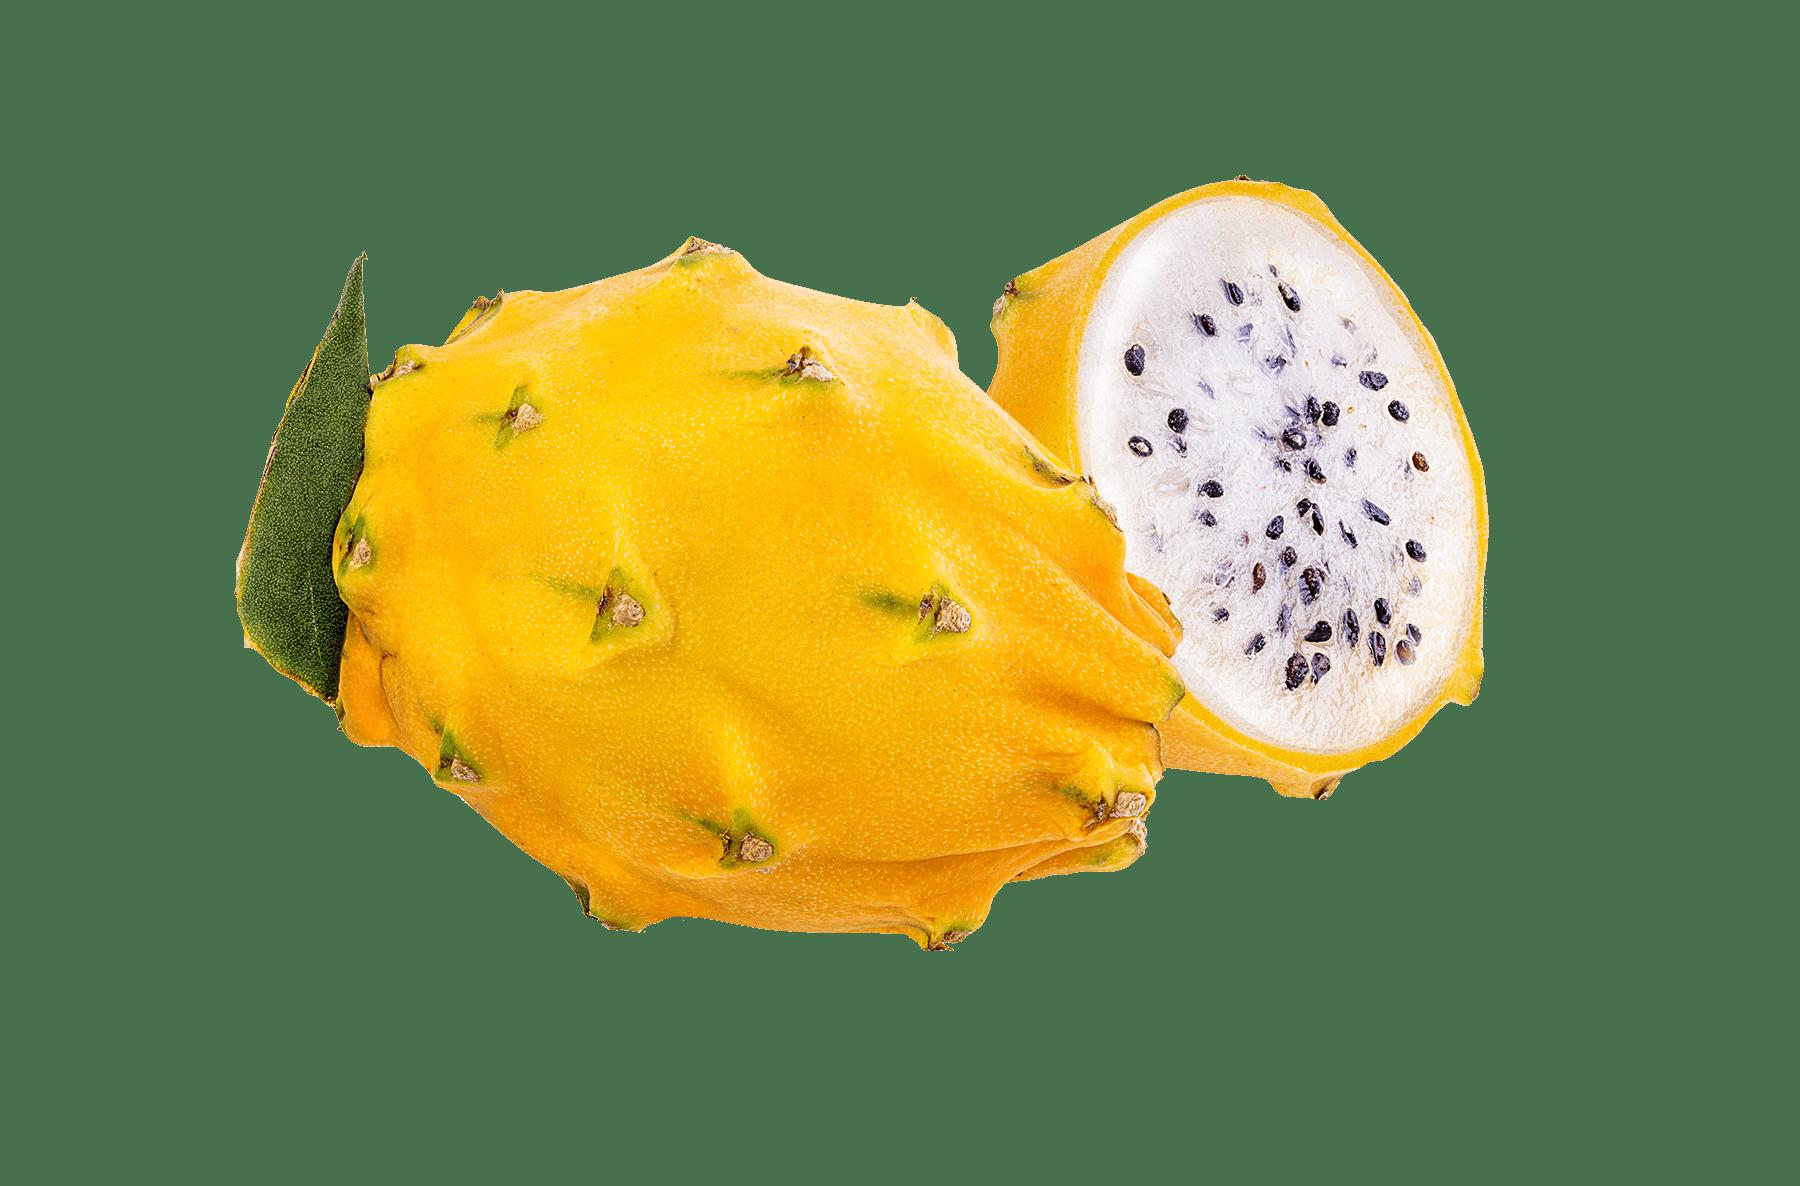 Yellow Pitaya Image